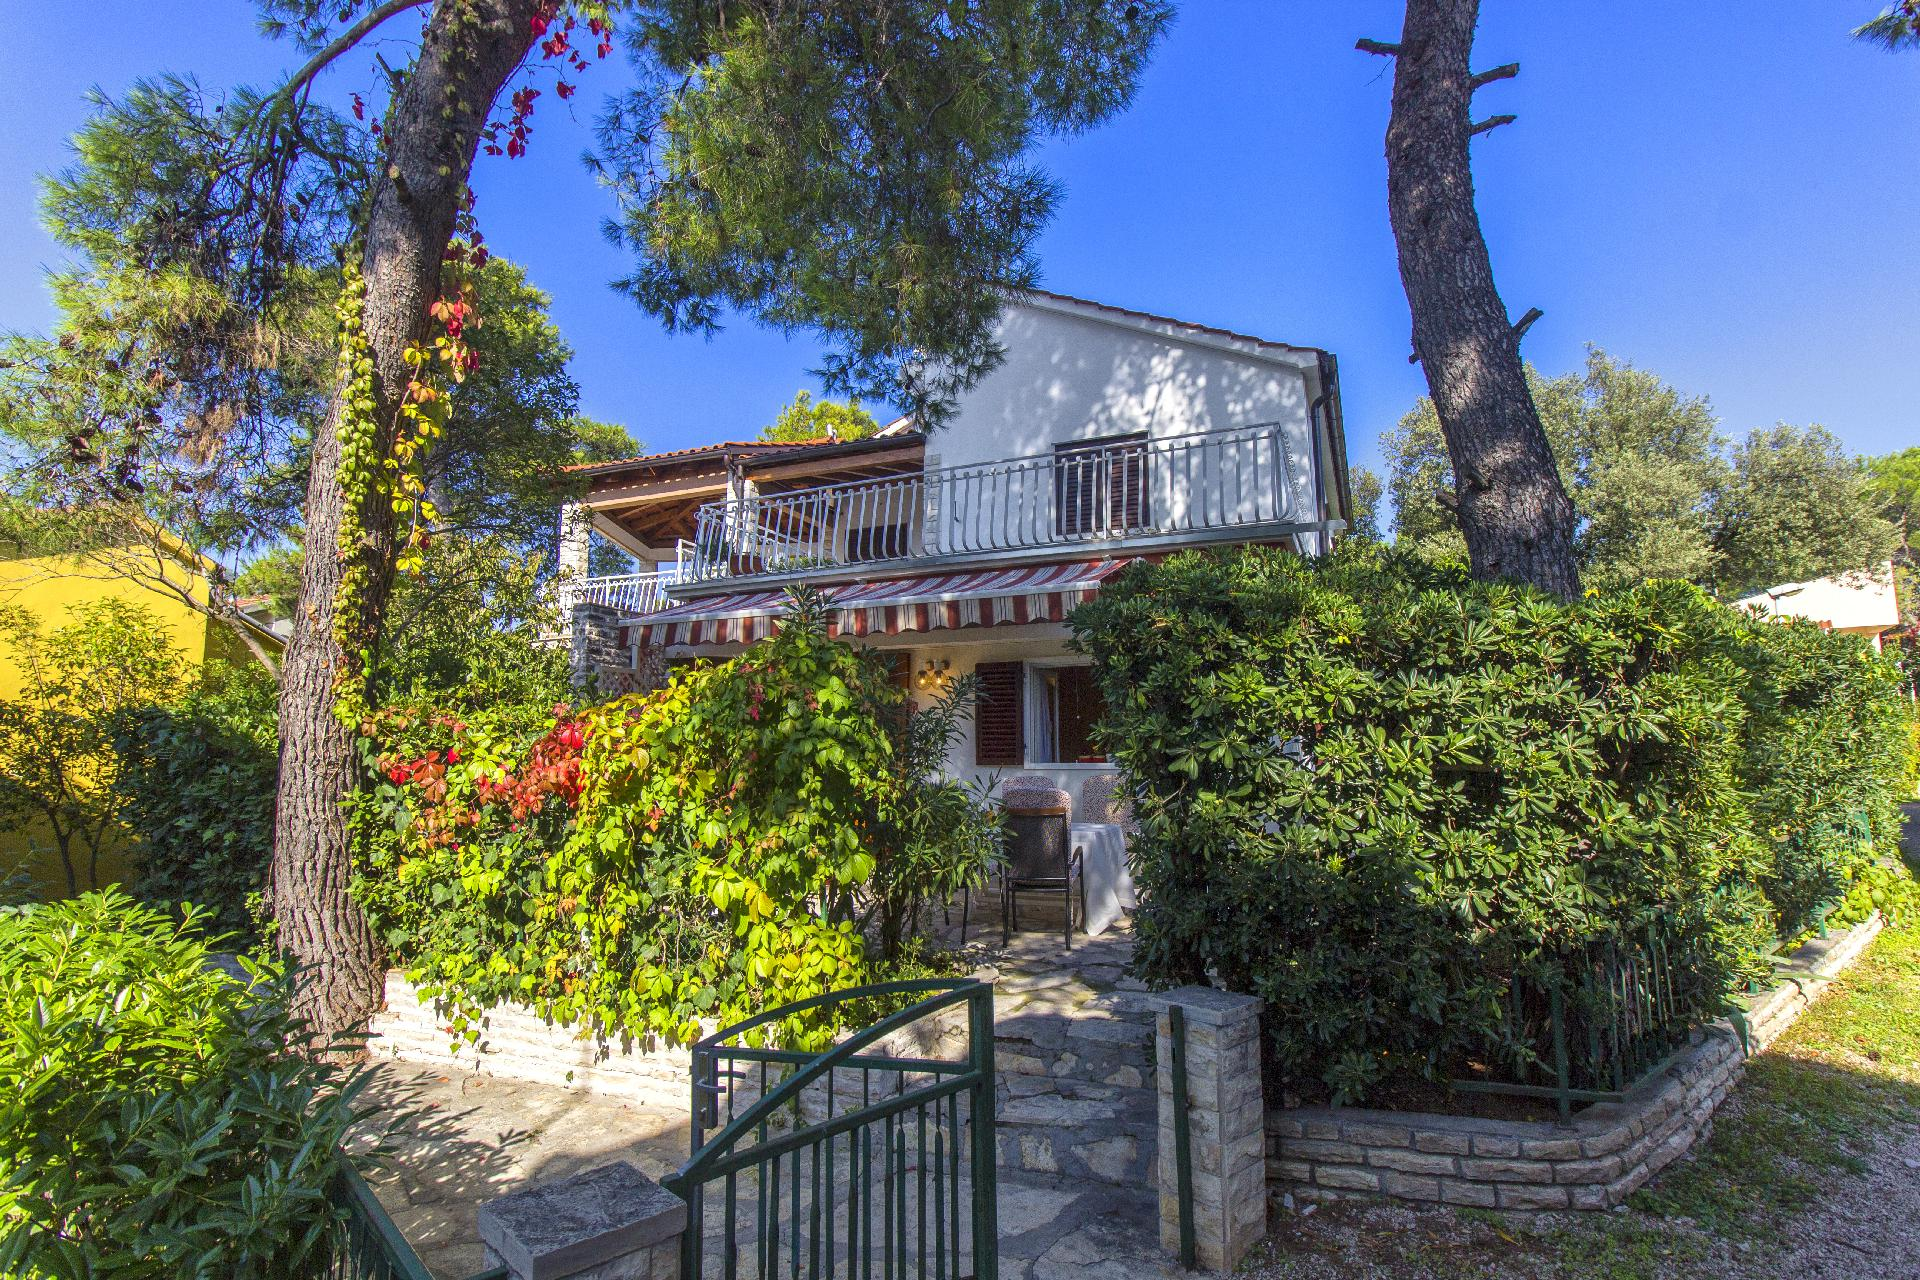 Ferienwohnung für 4 Personen ca. 50 m² i Bauernhof in Kroatien